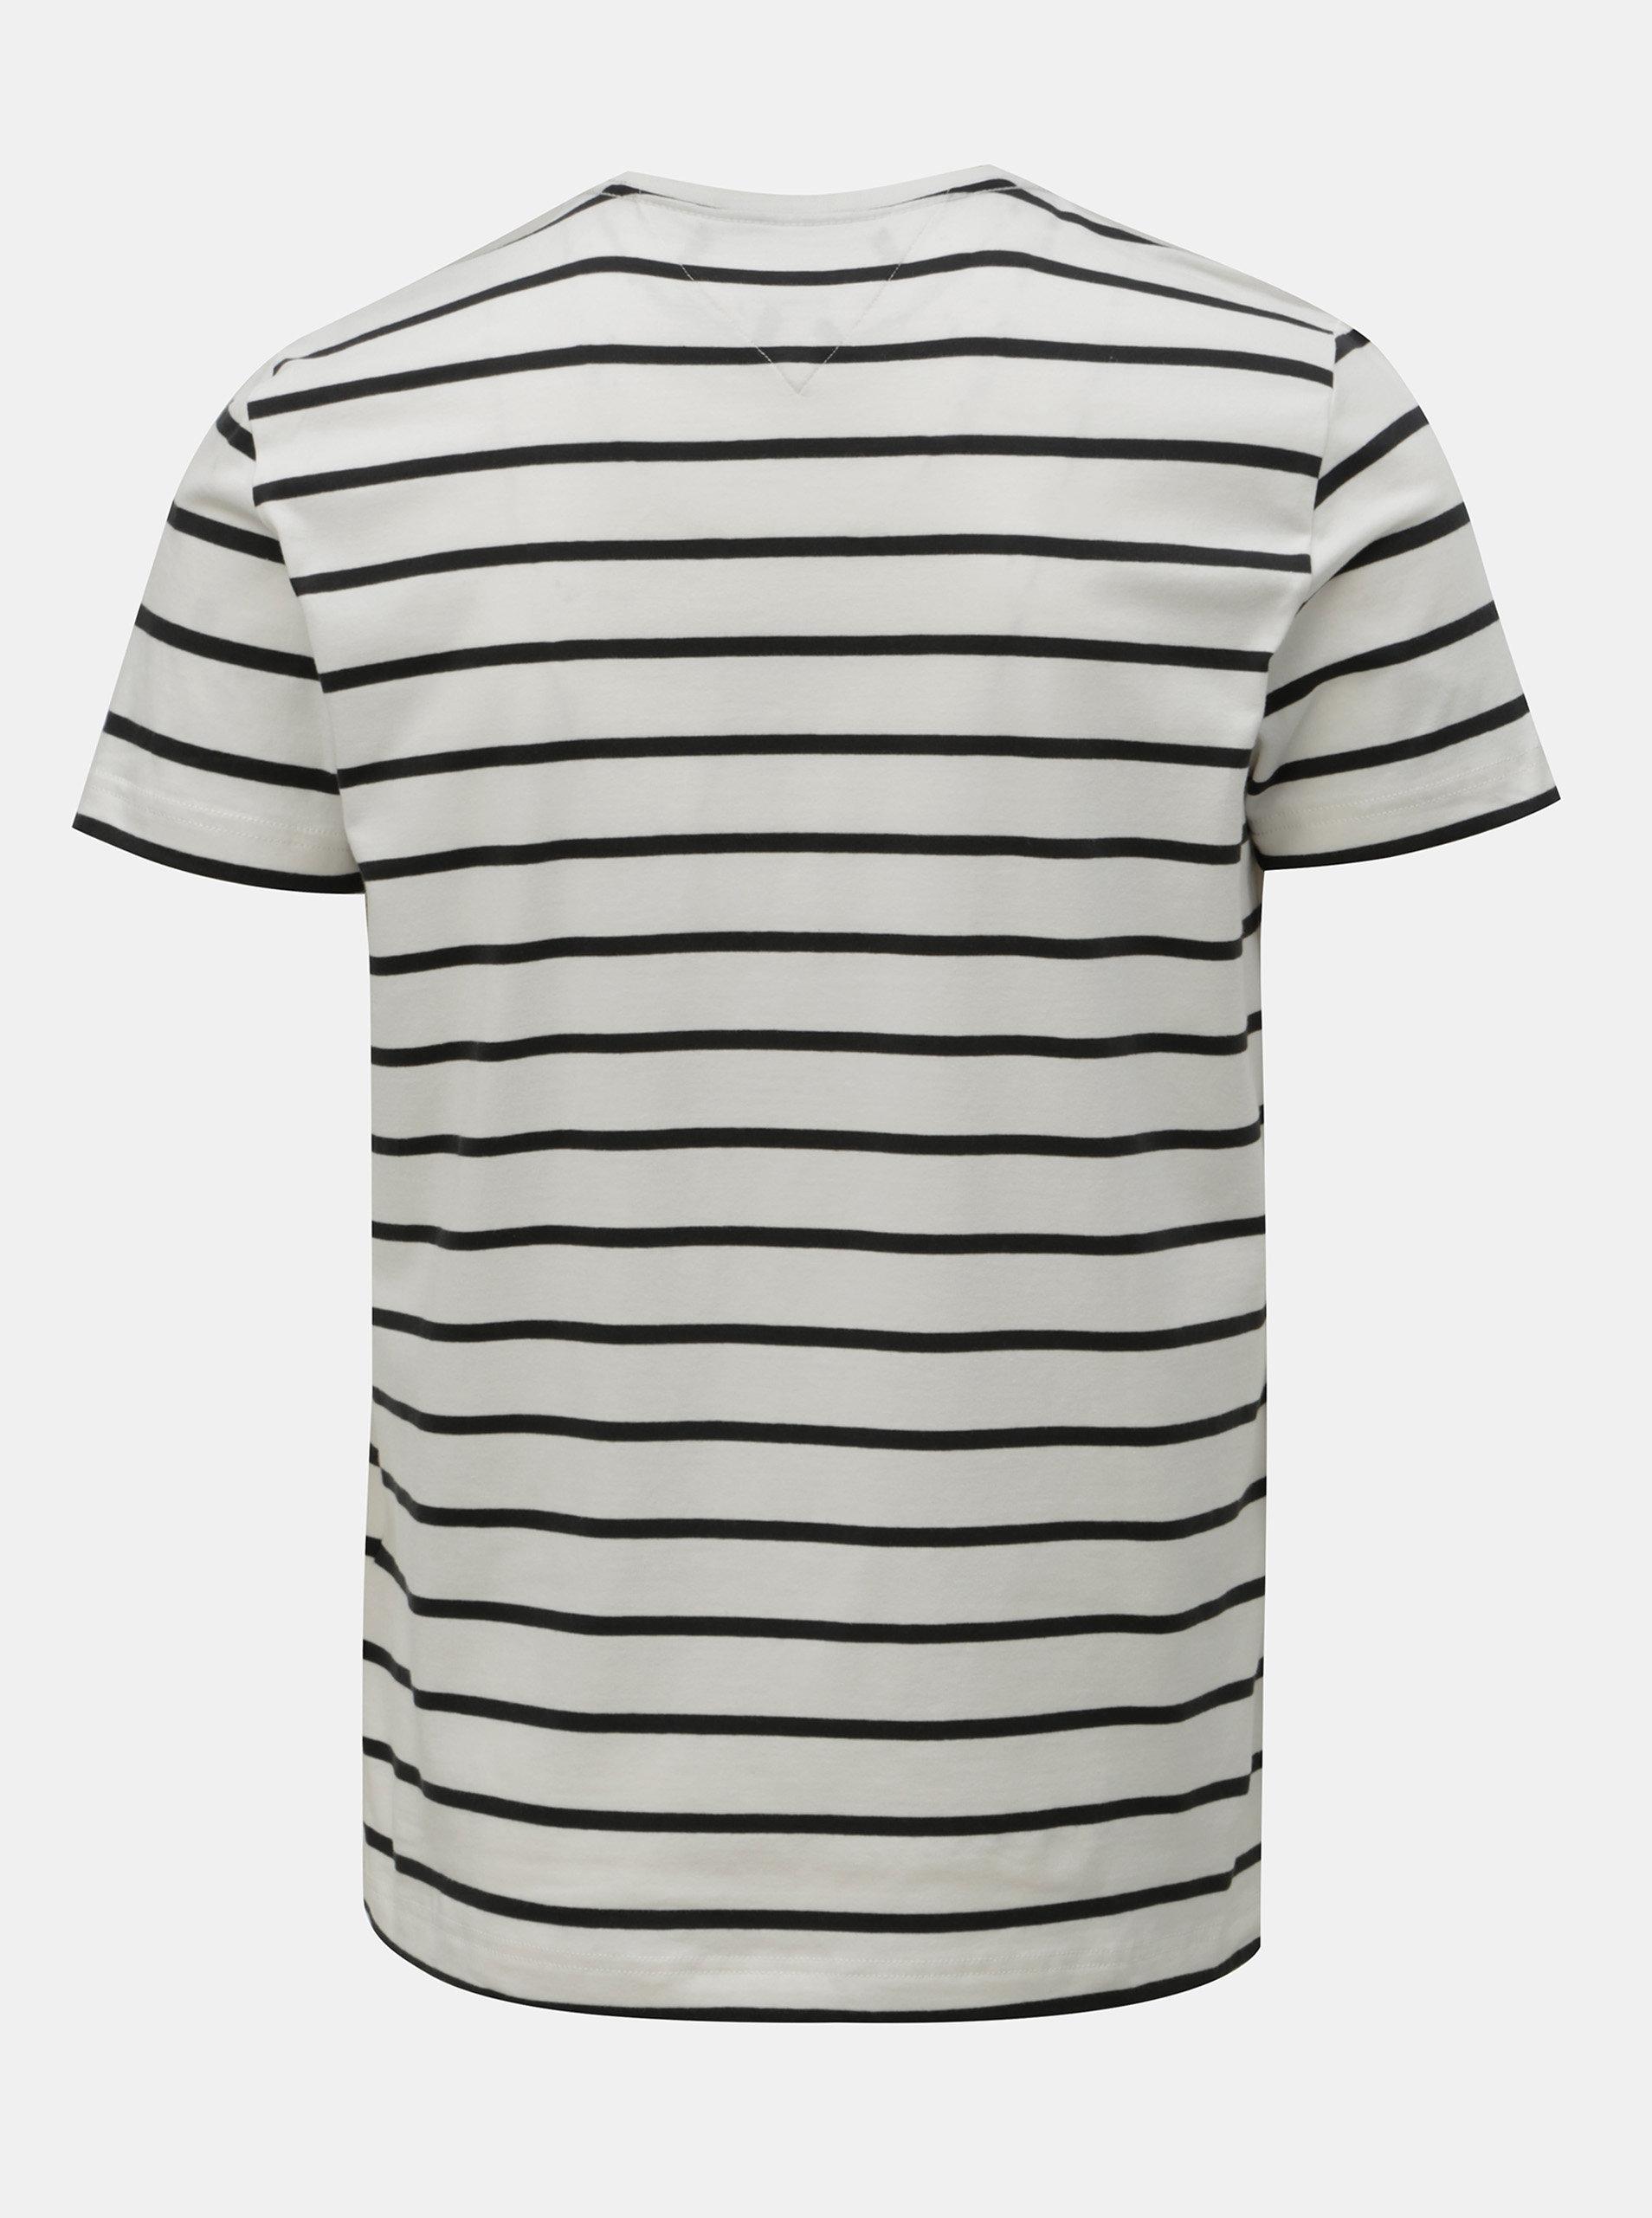 80e1b114c245 Černo-bílé pánské pruhované slim fit tričko Tommy Hilfiger ...